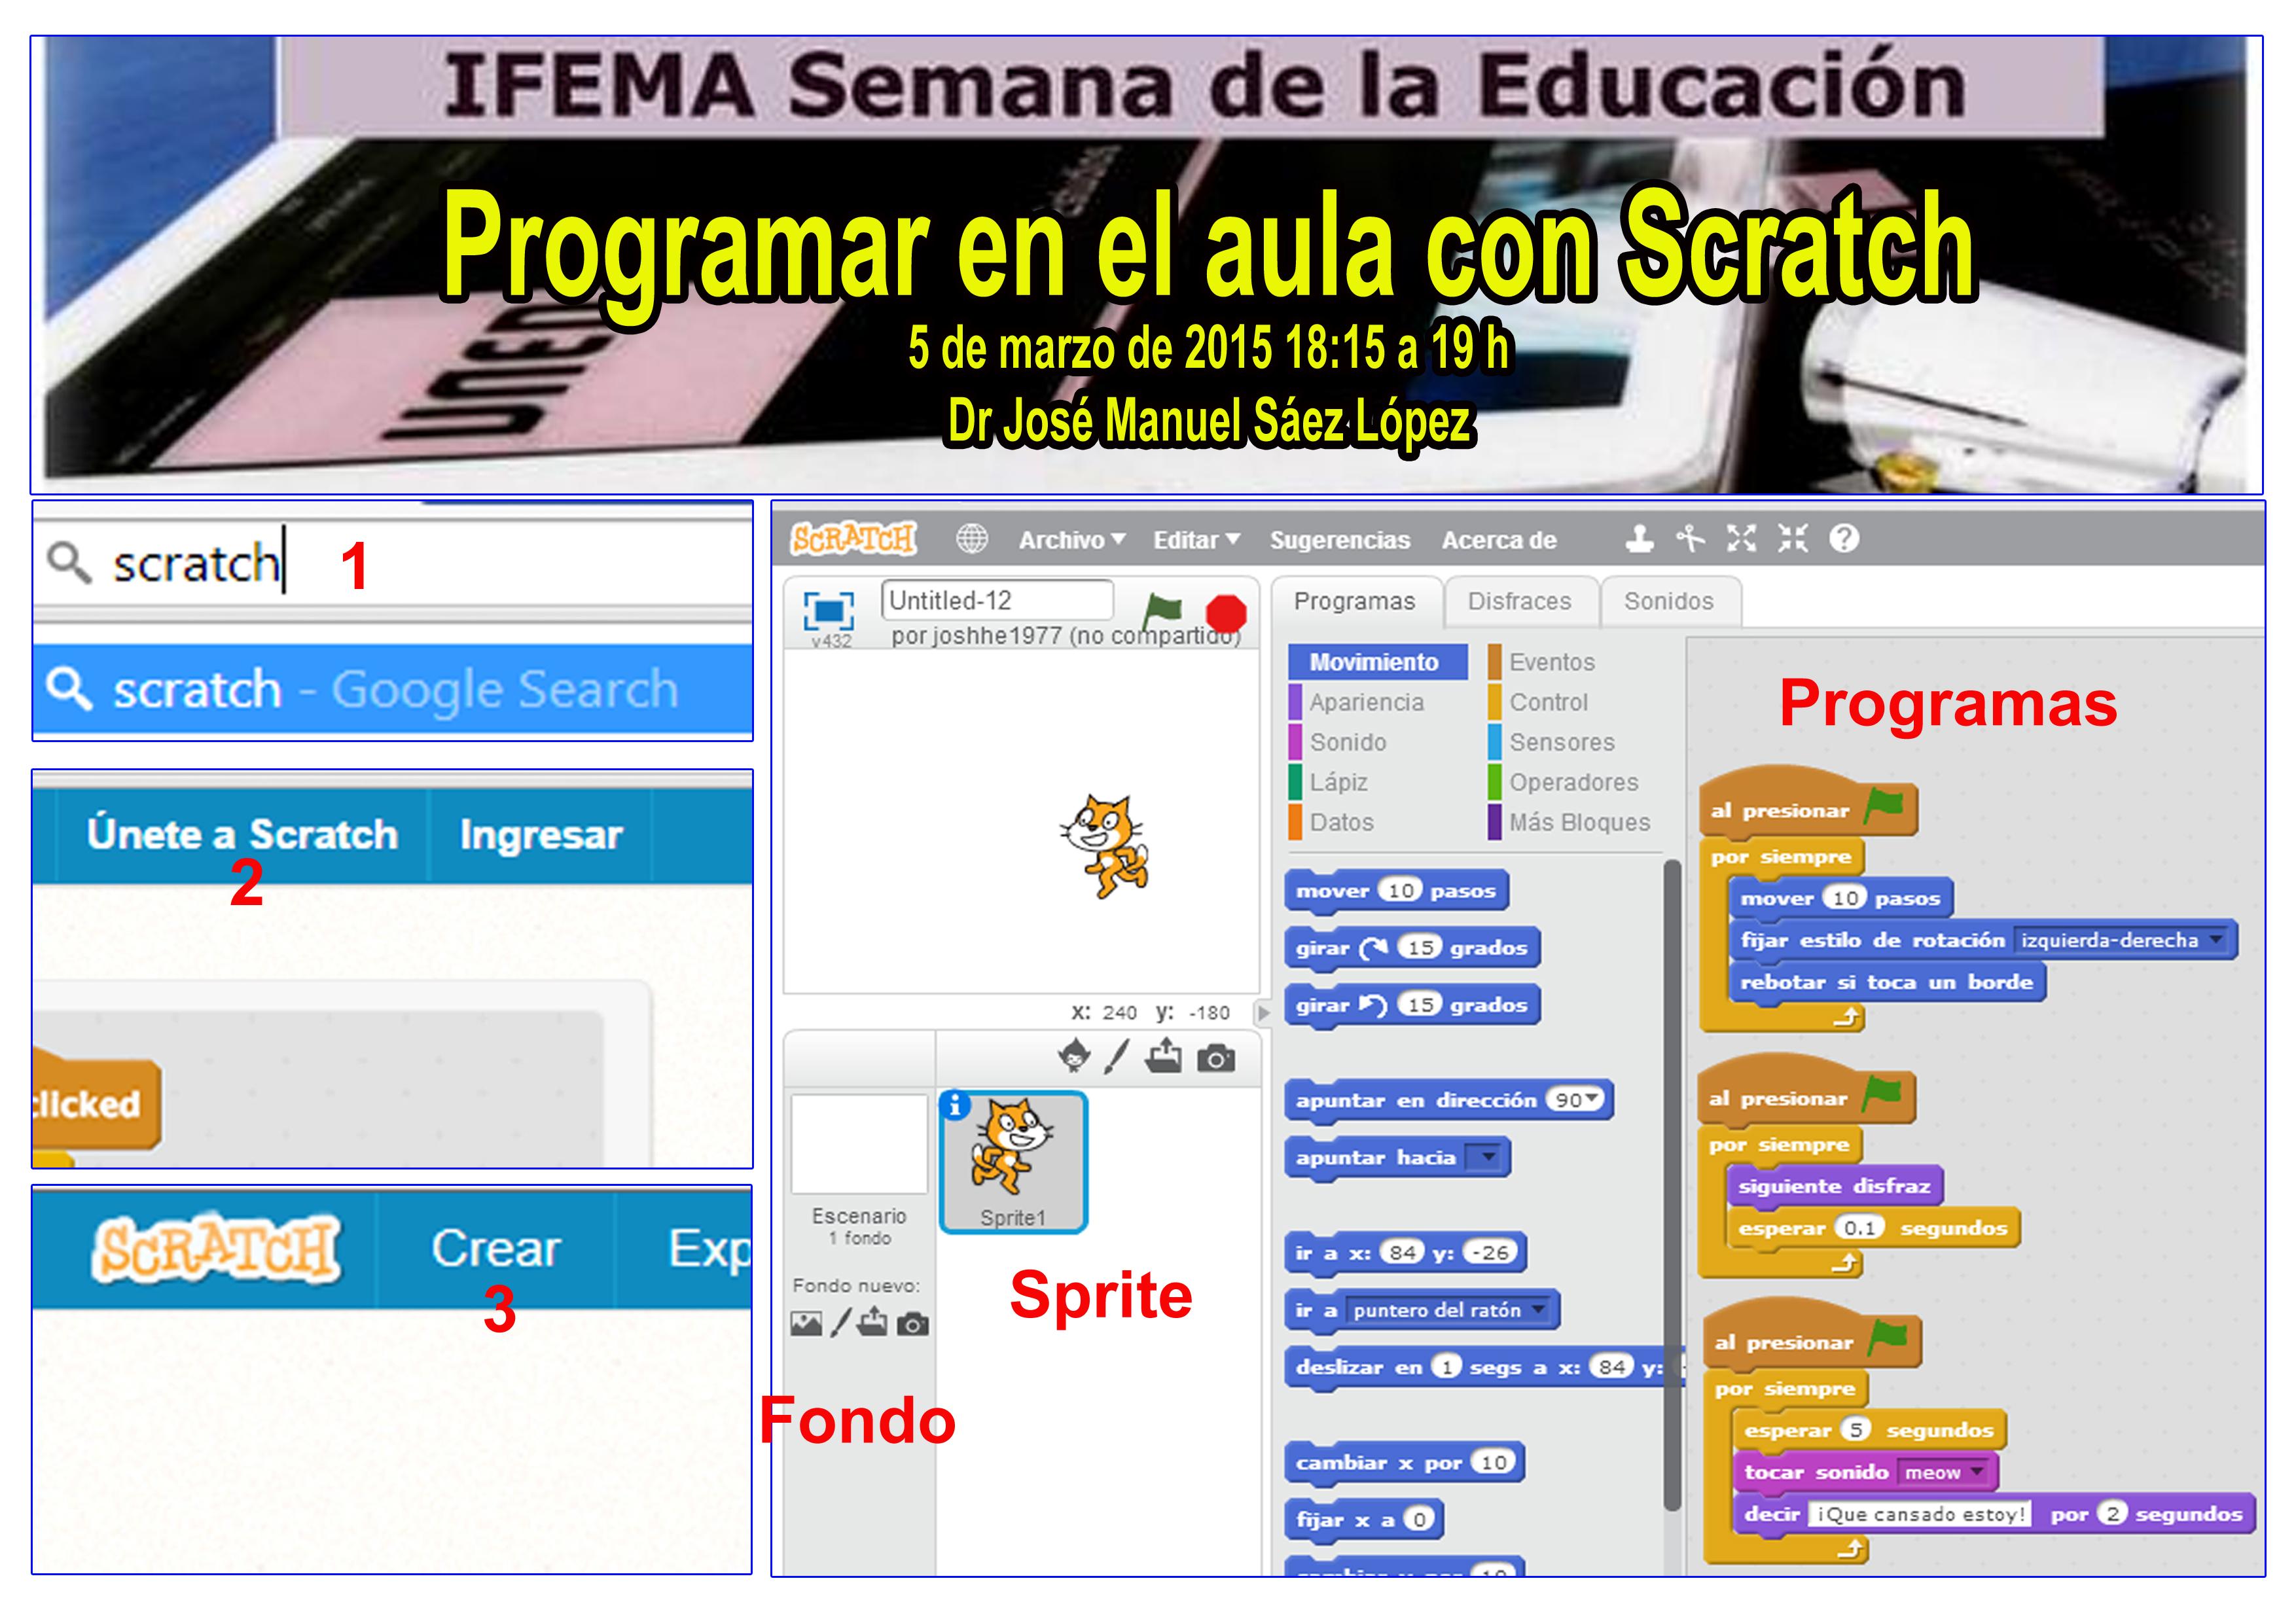 IFEMA_taller1 copia